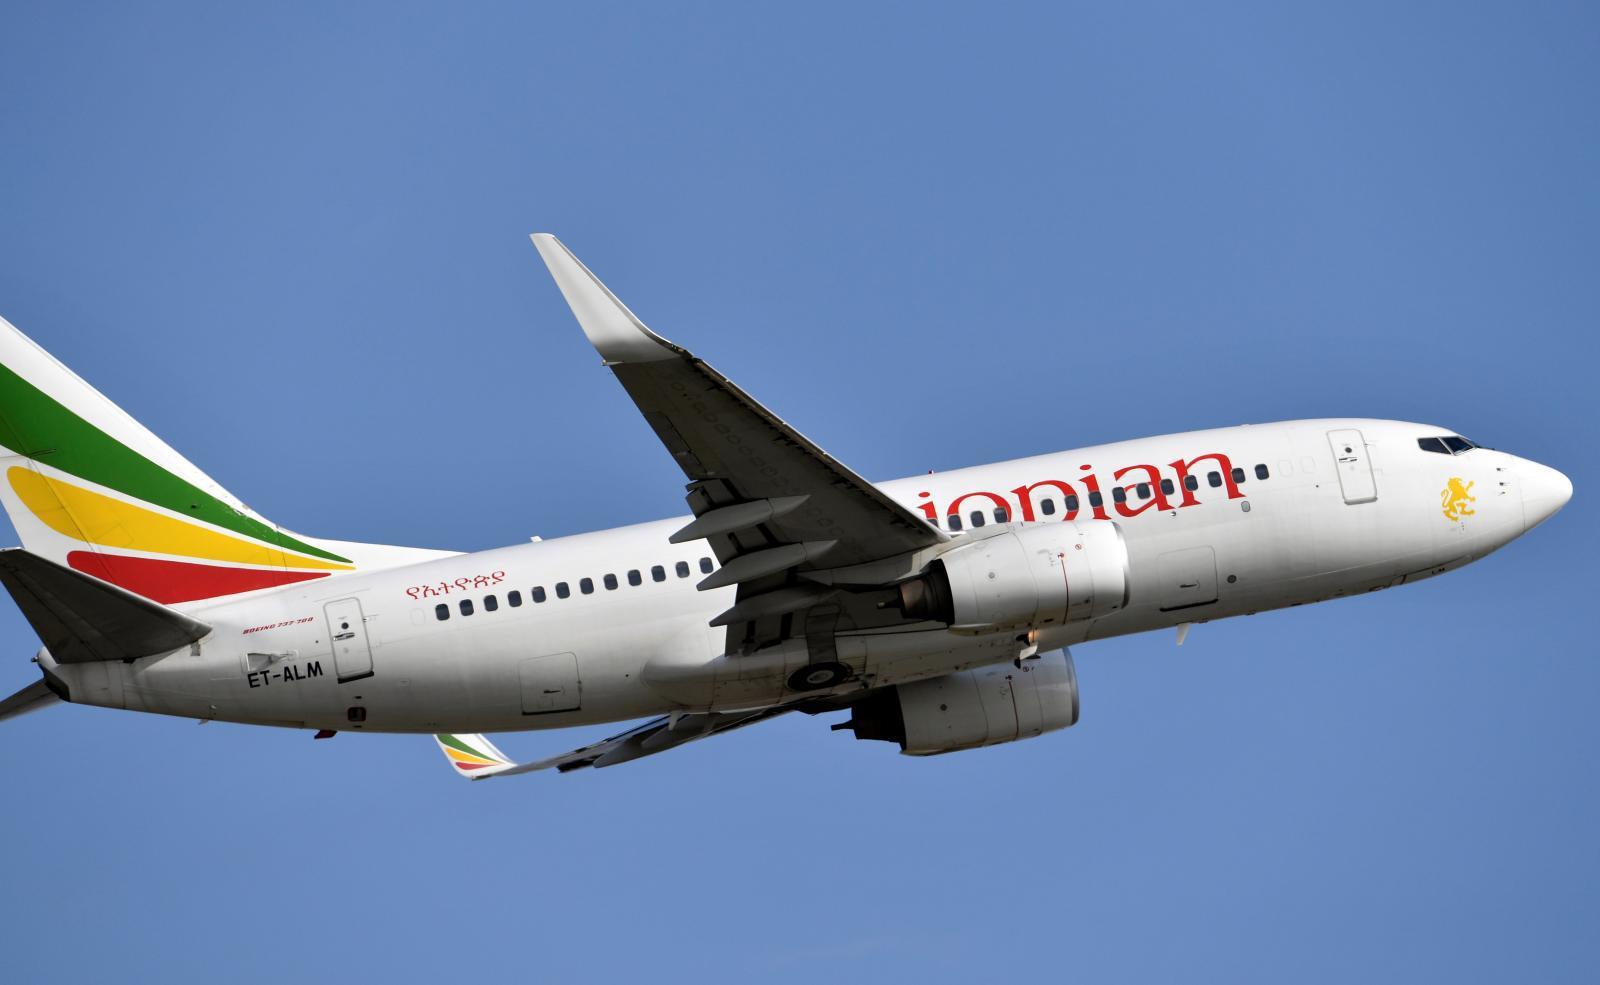 โบอิ้ง 737 เอธิโอเปียนแอร์ไลน์ ตกระหว่างเดินทางไปเมืองหลวงเคนยา